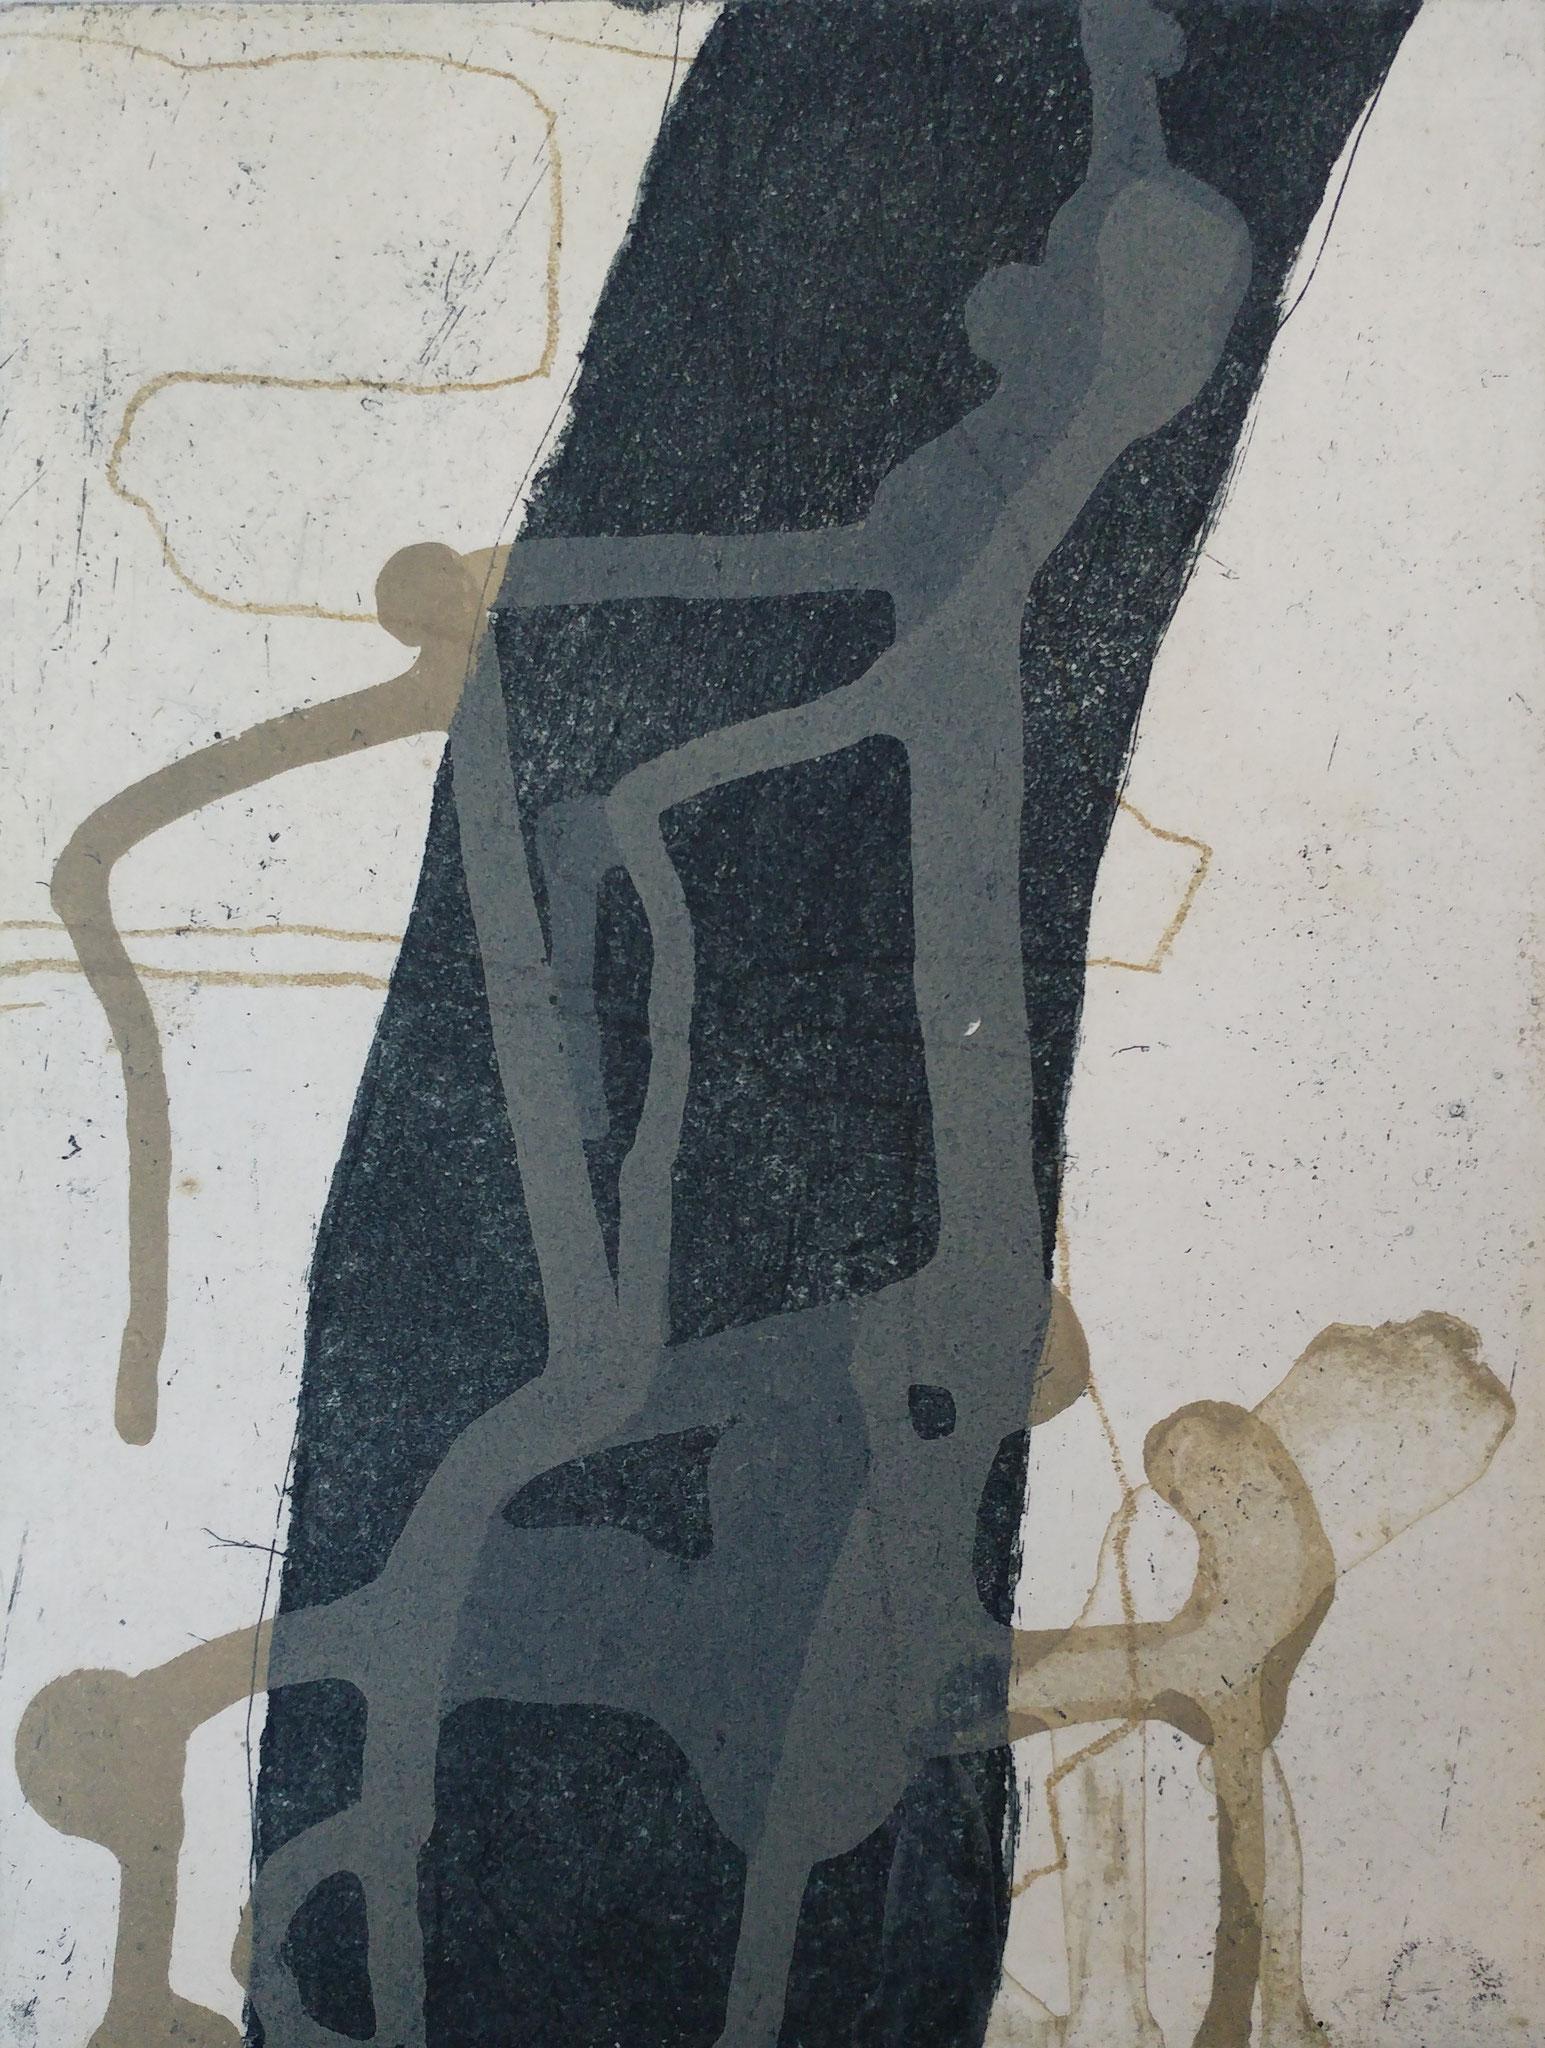 Ets, aquatint, 15 x 20 cm 2018